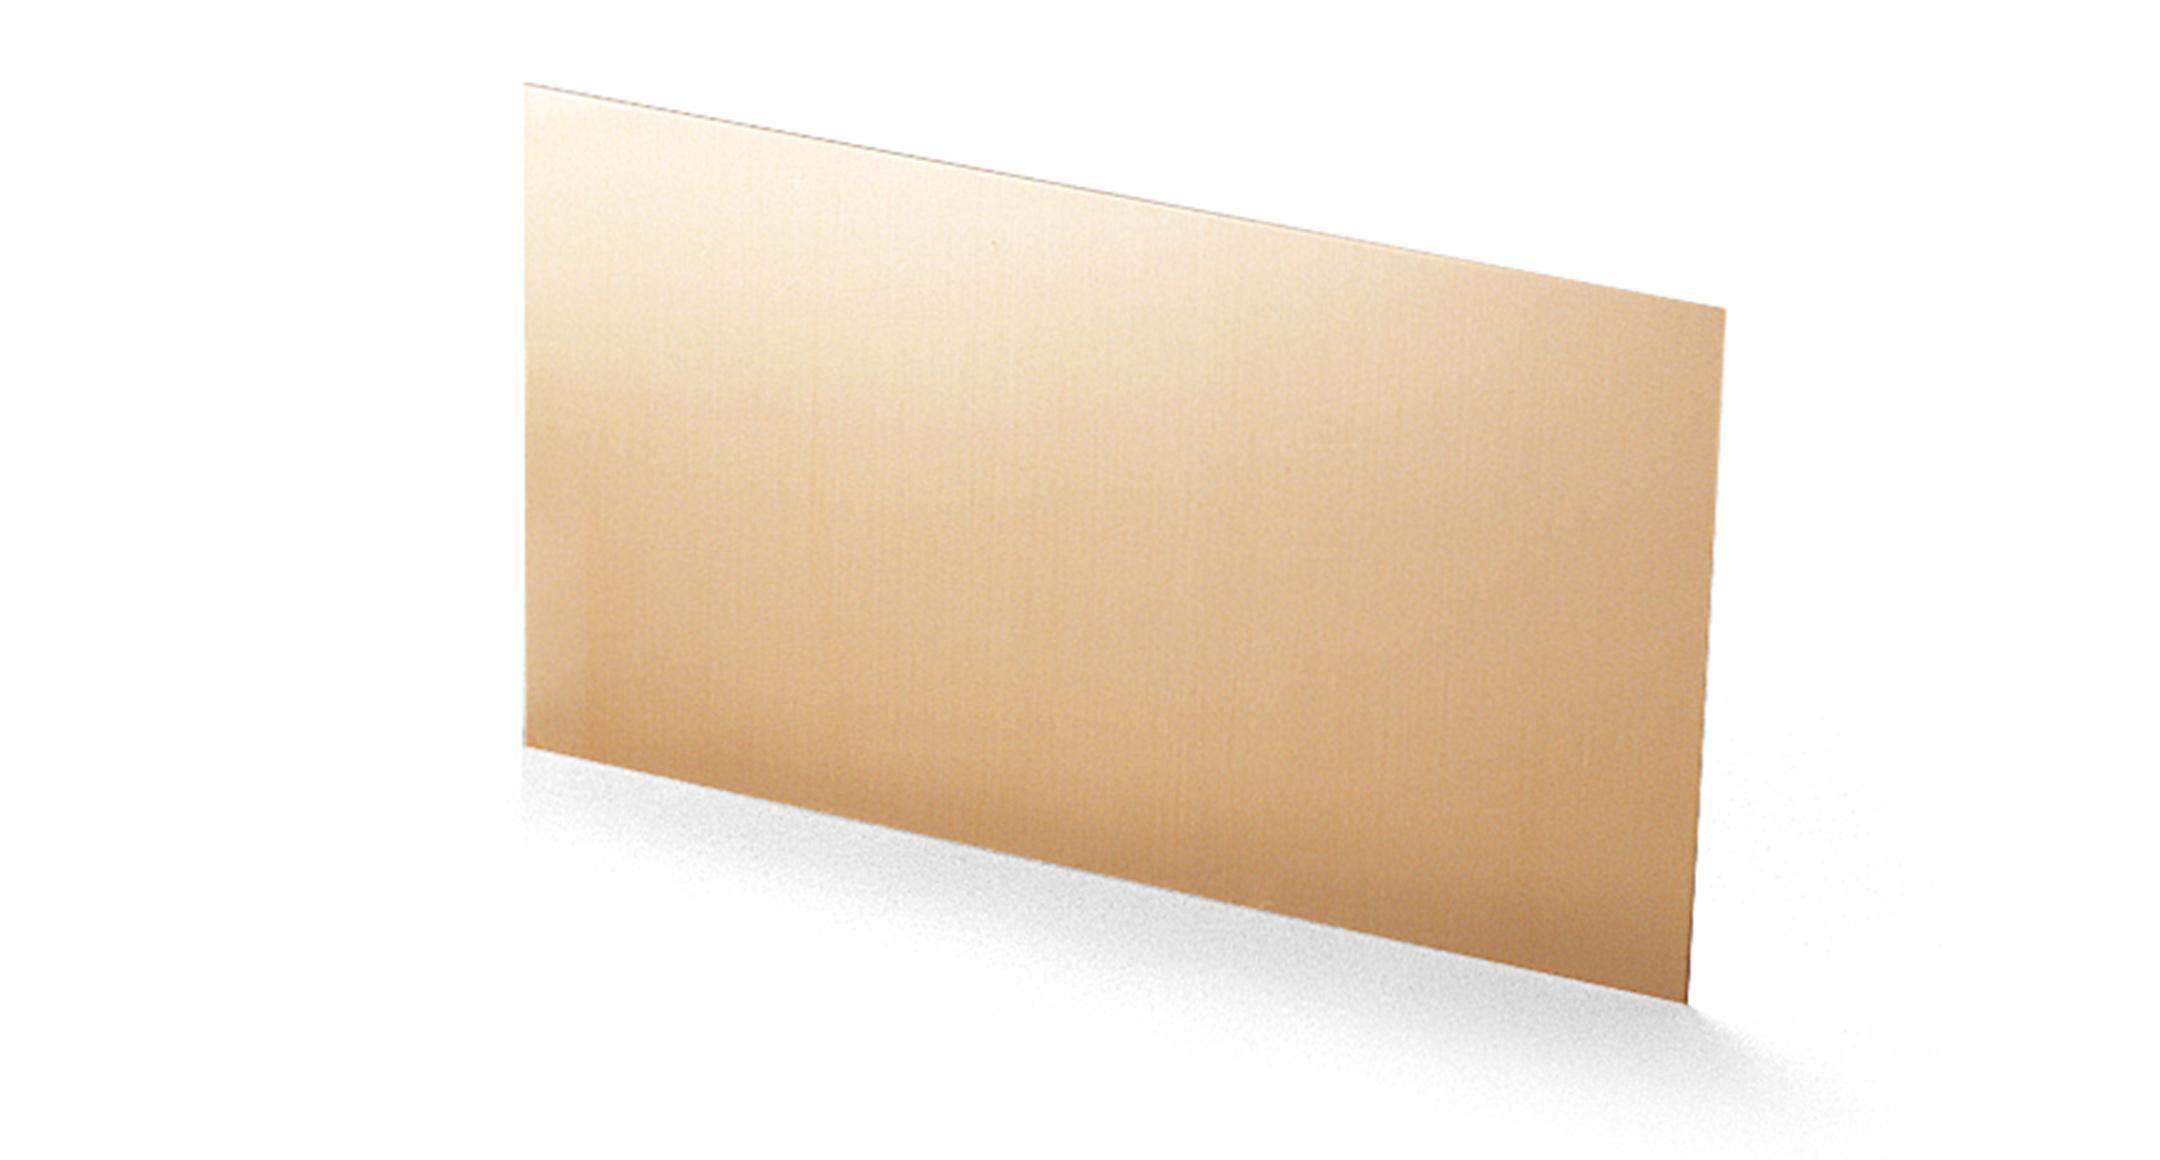 リン青銅板 RPシリーズの画像